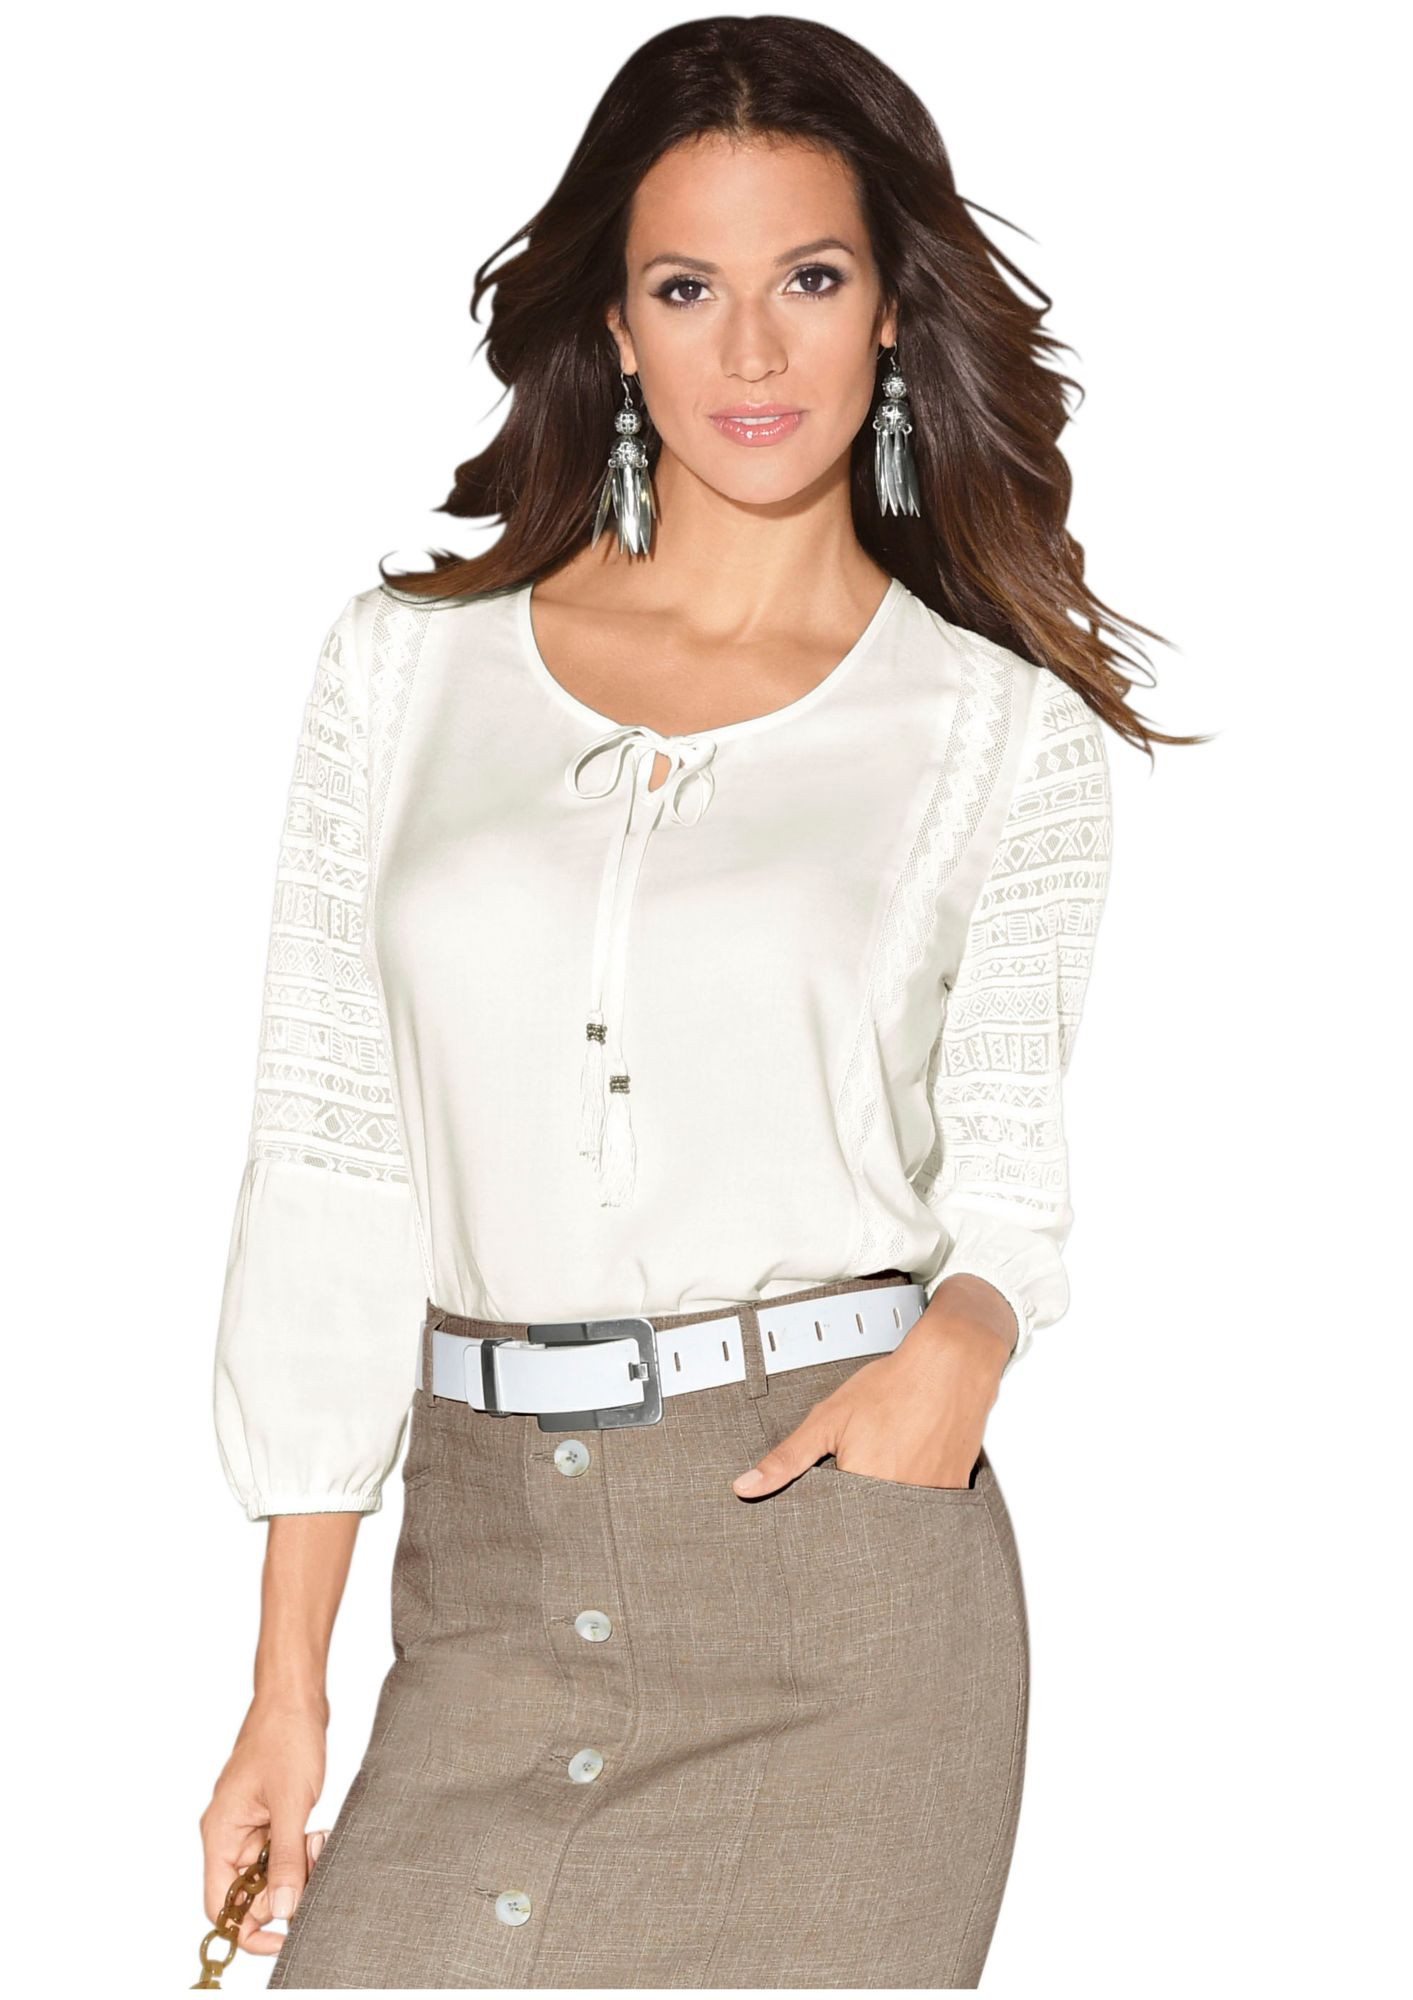 CLASSIC INSPIRATIONEN Classic Inspirationen Bluse mit hochwertigen, transparenten Spitzeneinsätzen